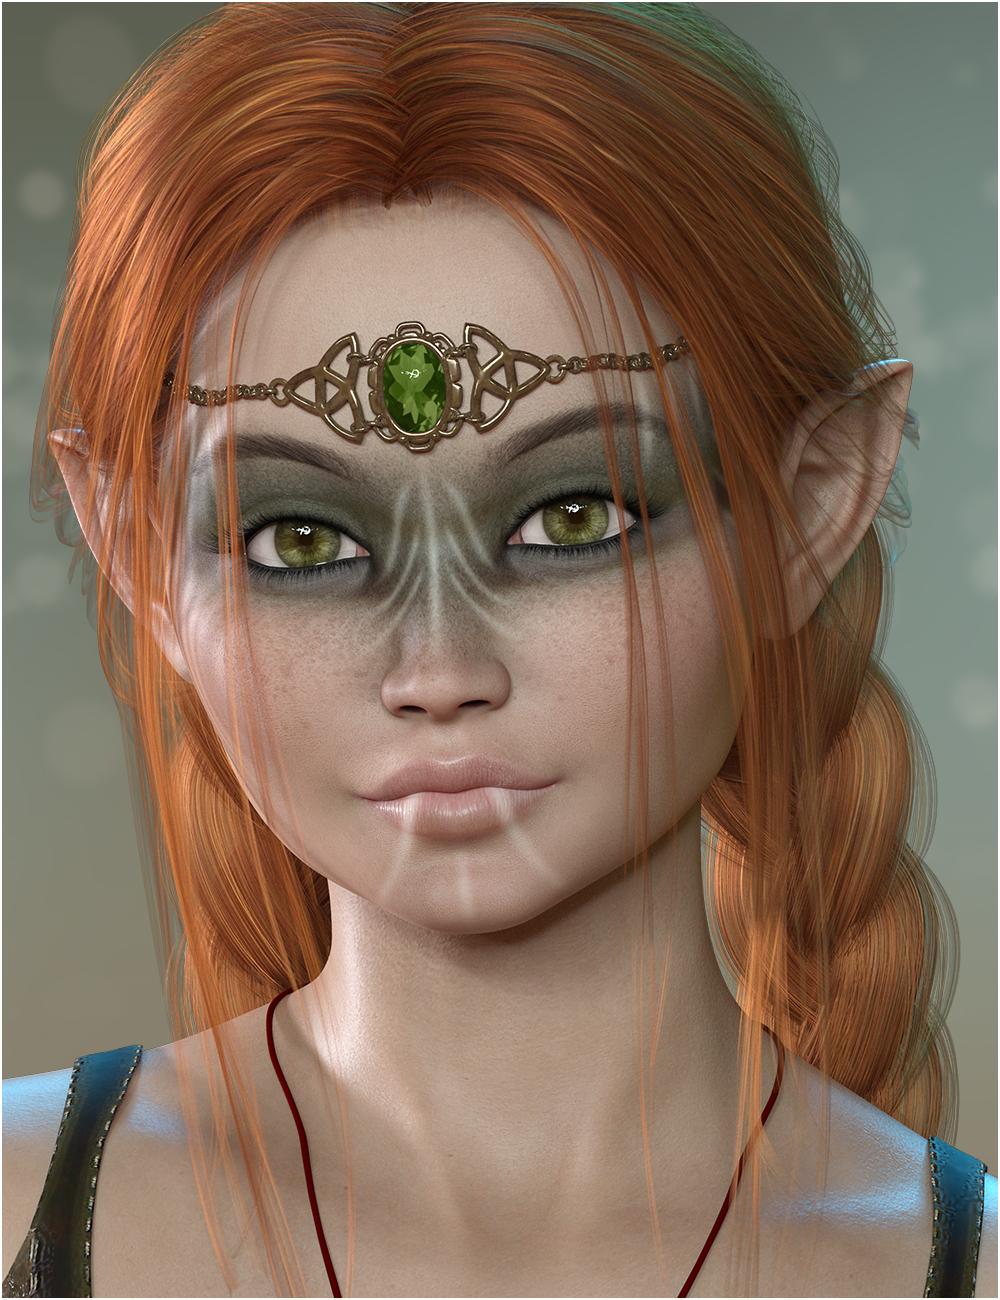 Dren for Genesis 8 Female by: OziChickhotlilme74, 3D Models by Daz 3D